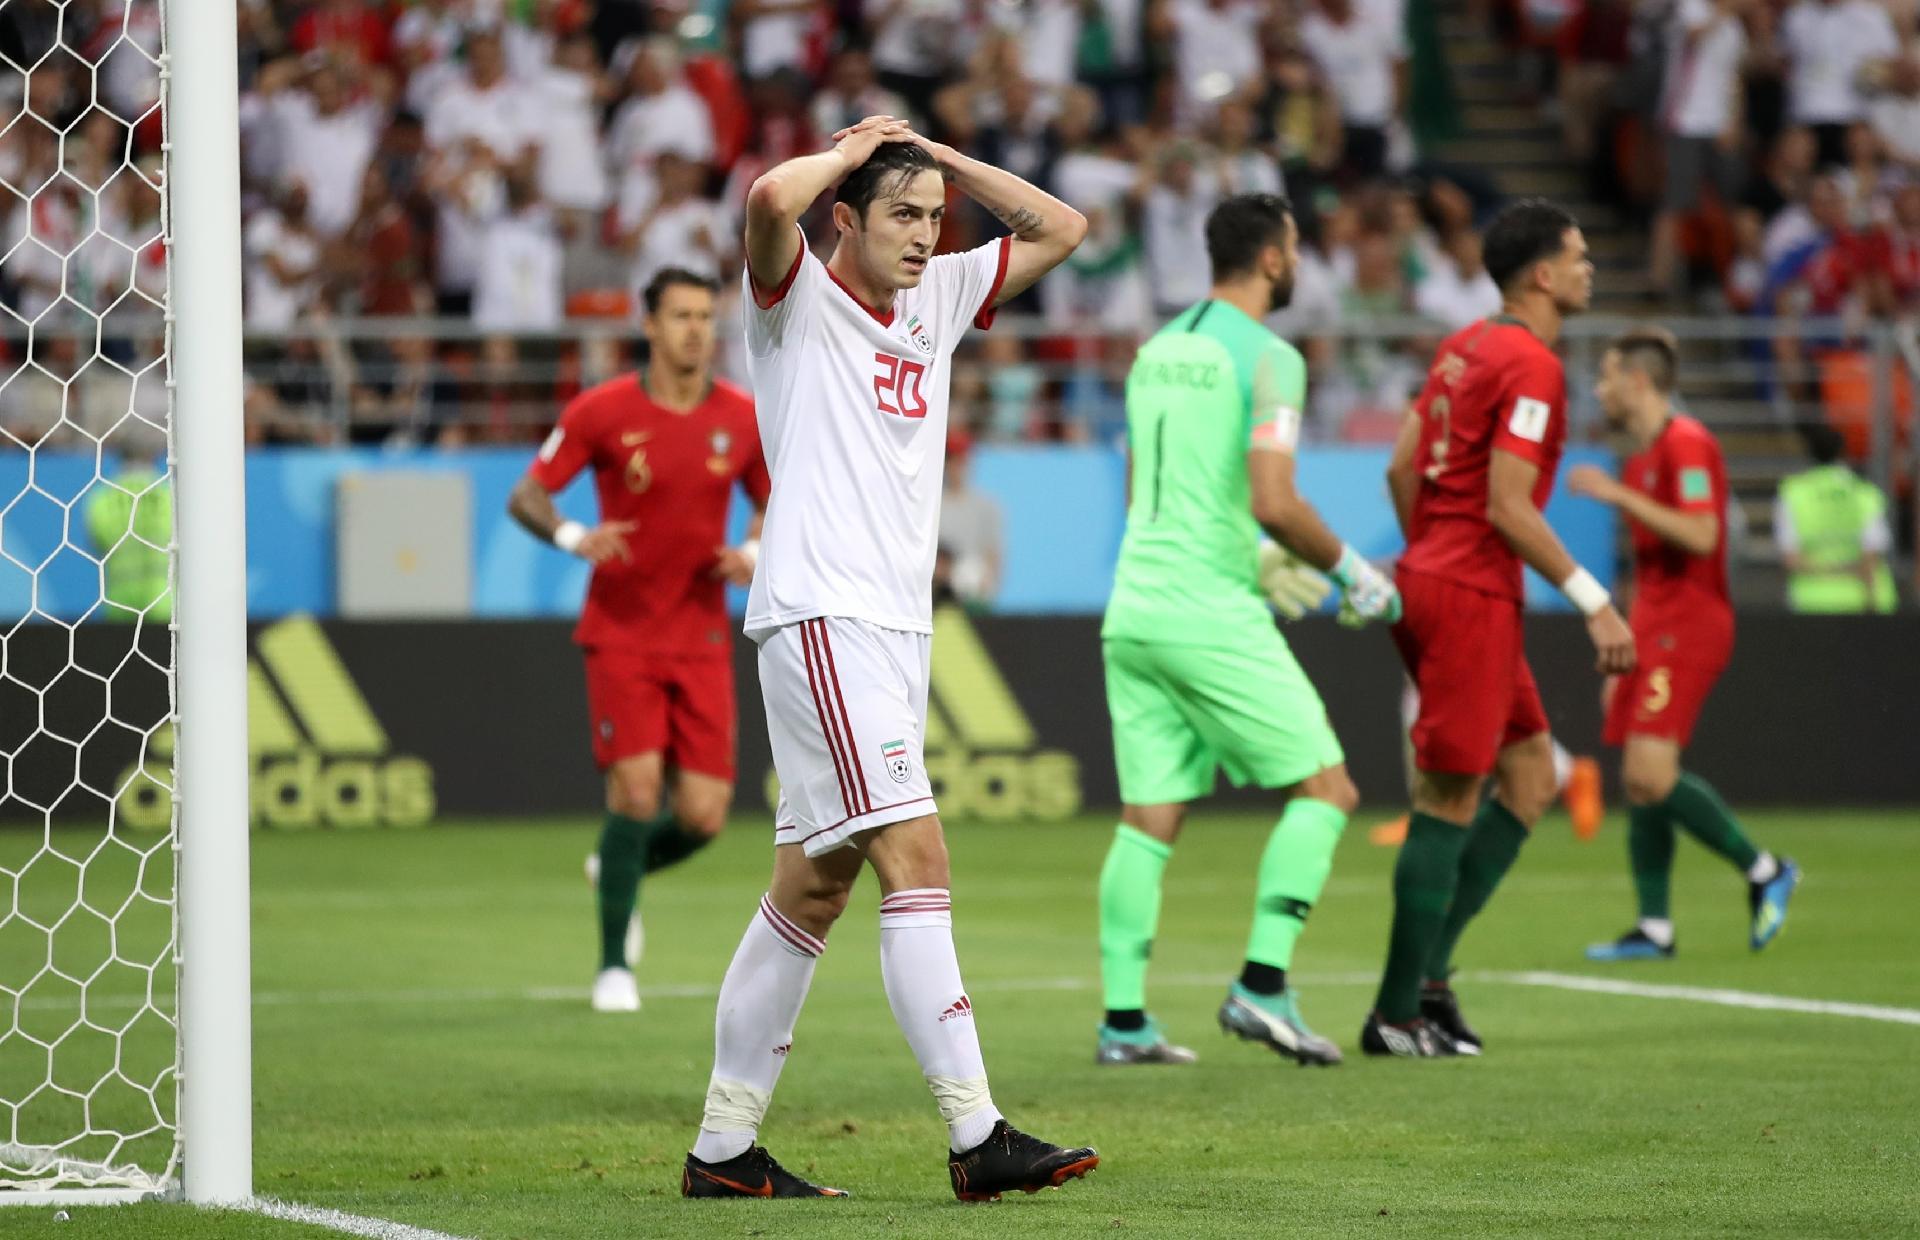 b61c42a3de Irã na Copa 2018   Messi iraniano  anuncia aposentadoria da seleção após a  Copa do Mundo - UOL Copa do Mundo 2018